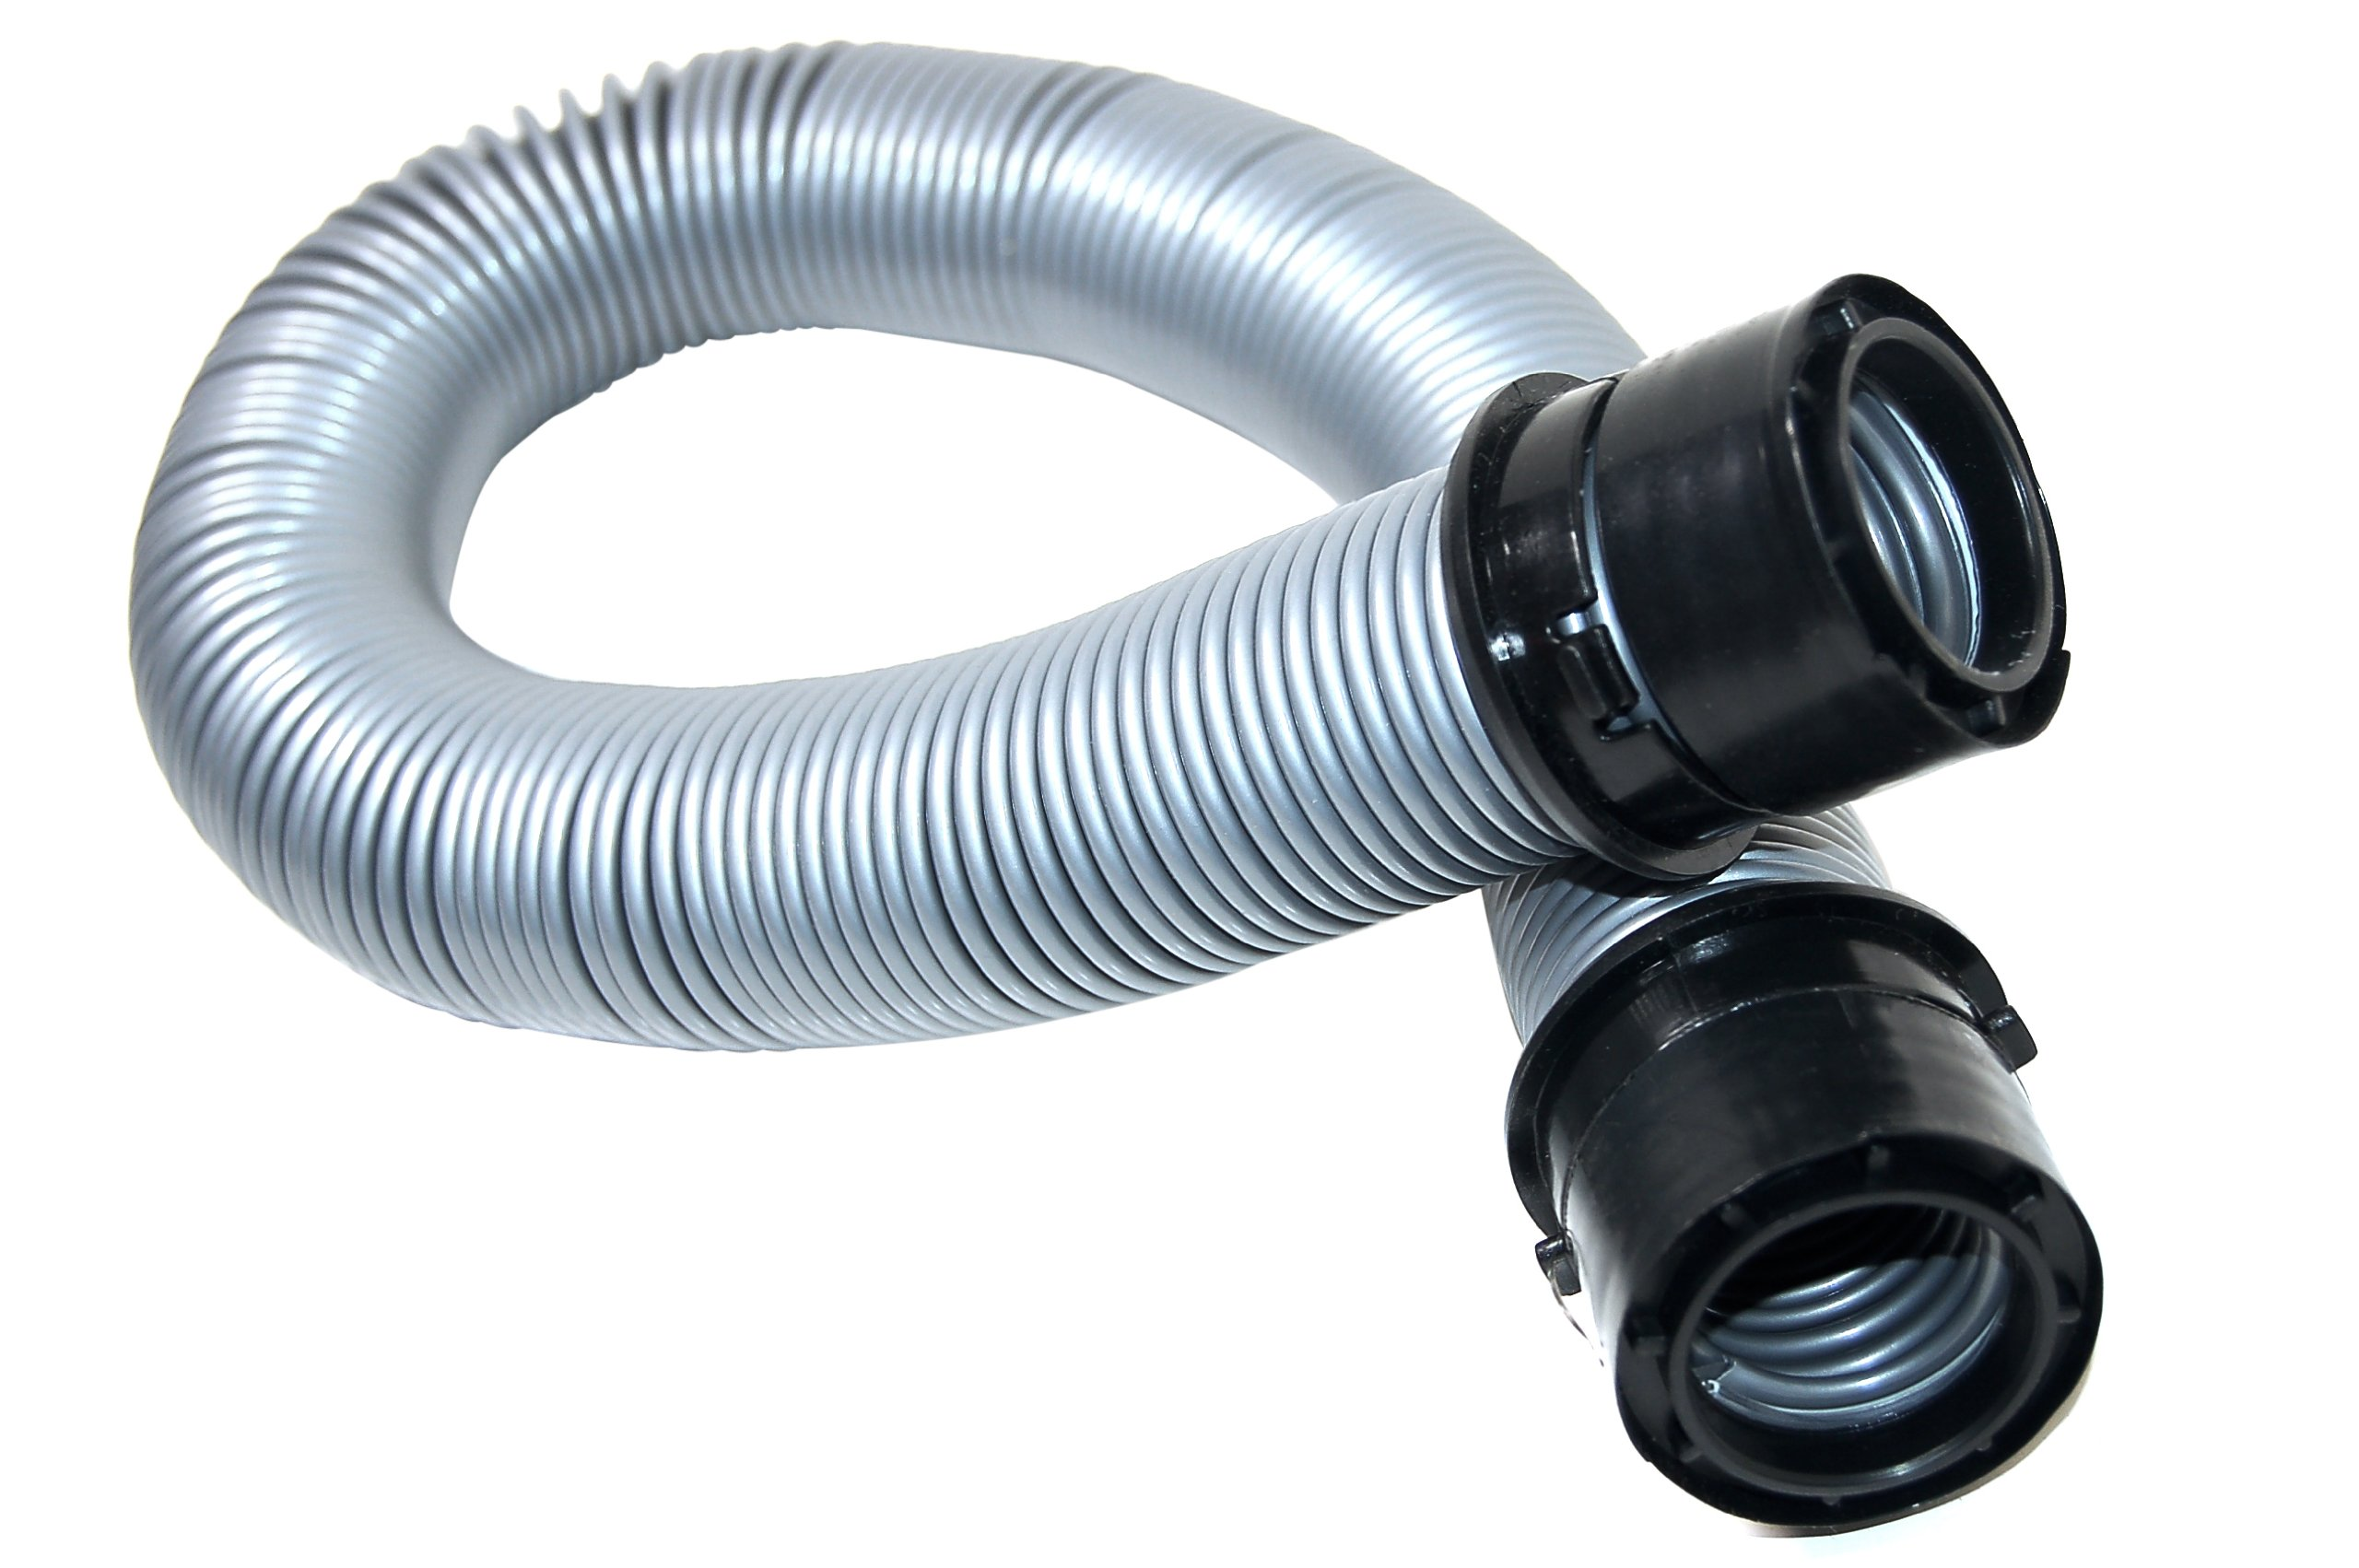 Universal UN35102 - Tubo flexible para aspiradoras: Amazon.es: Hogar